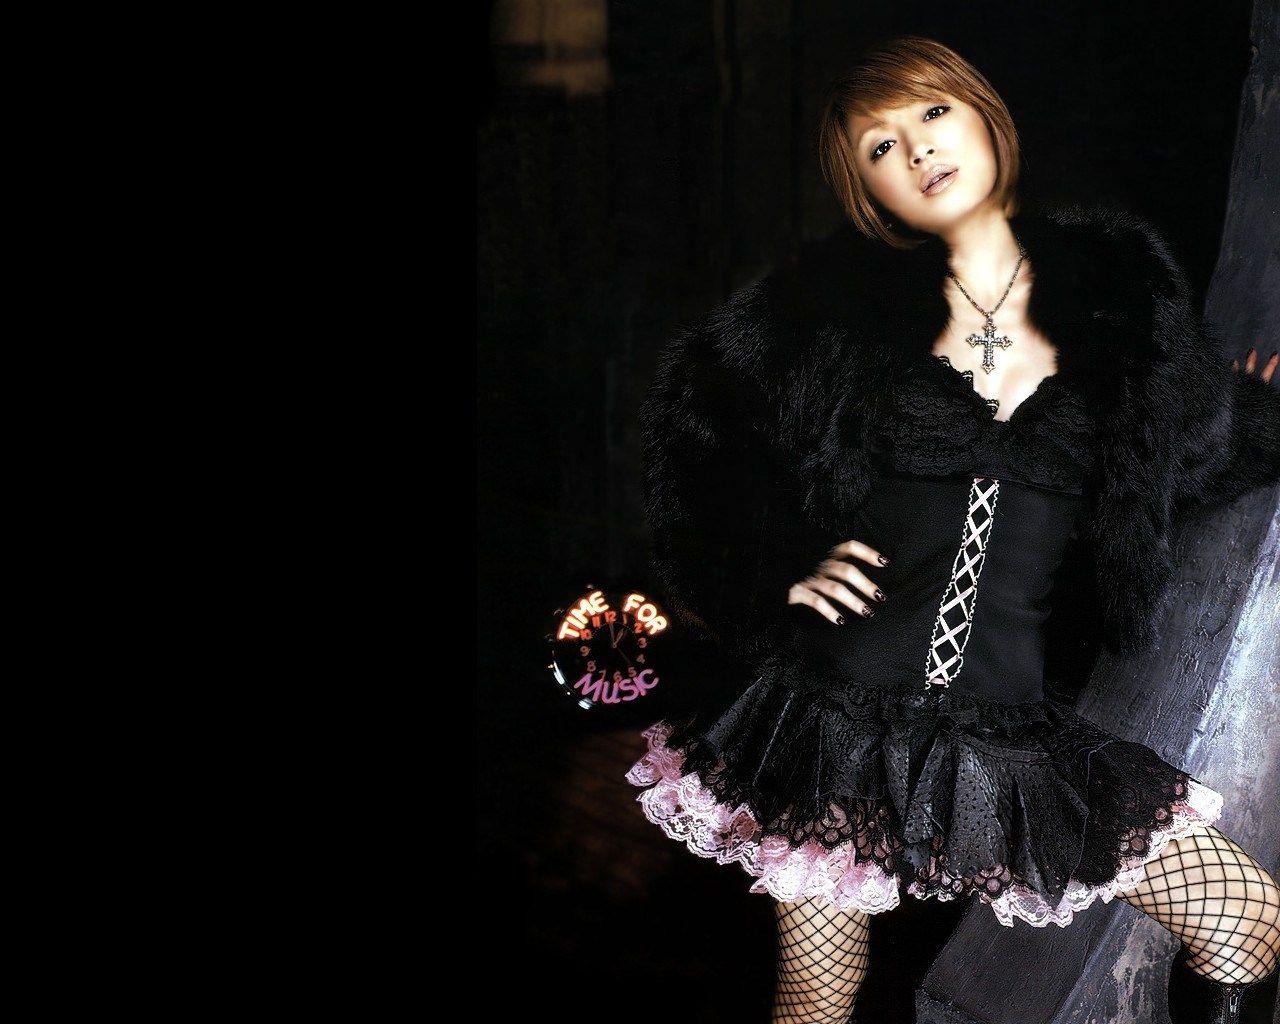 Ayumi Hamasaki Pic For Desktops 200 Kb Elvis Macdonald 浜崎